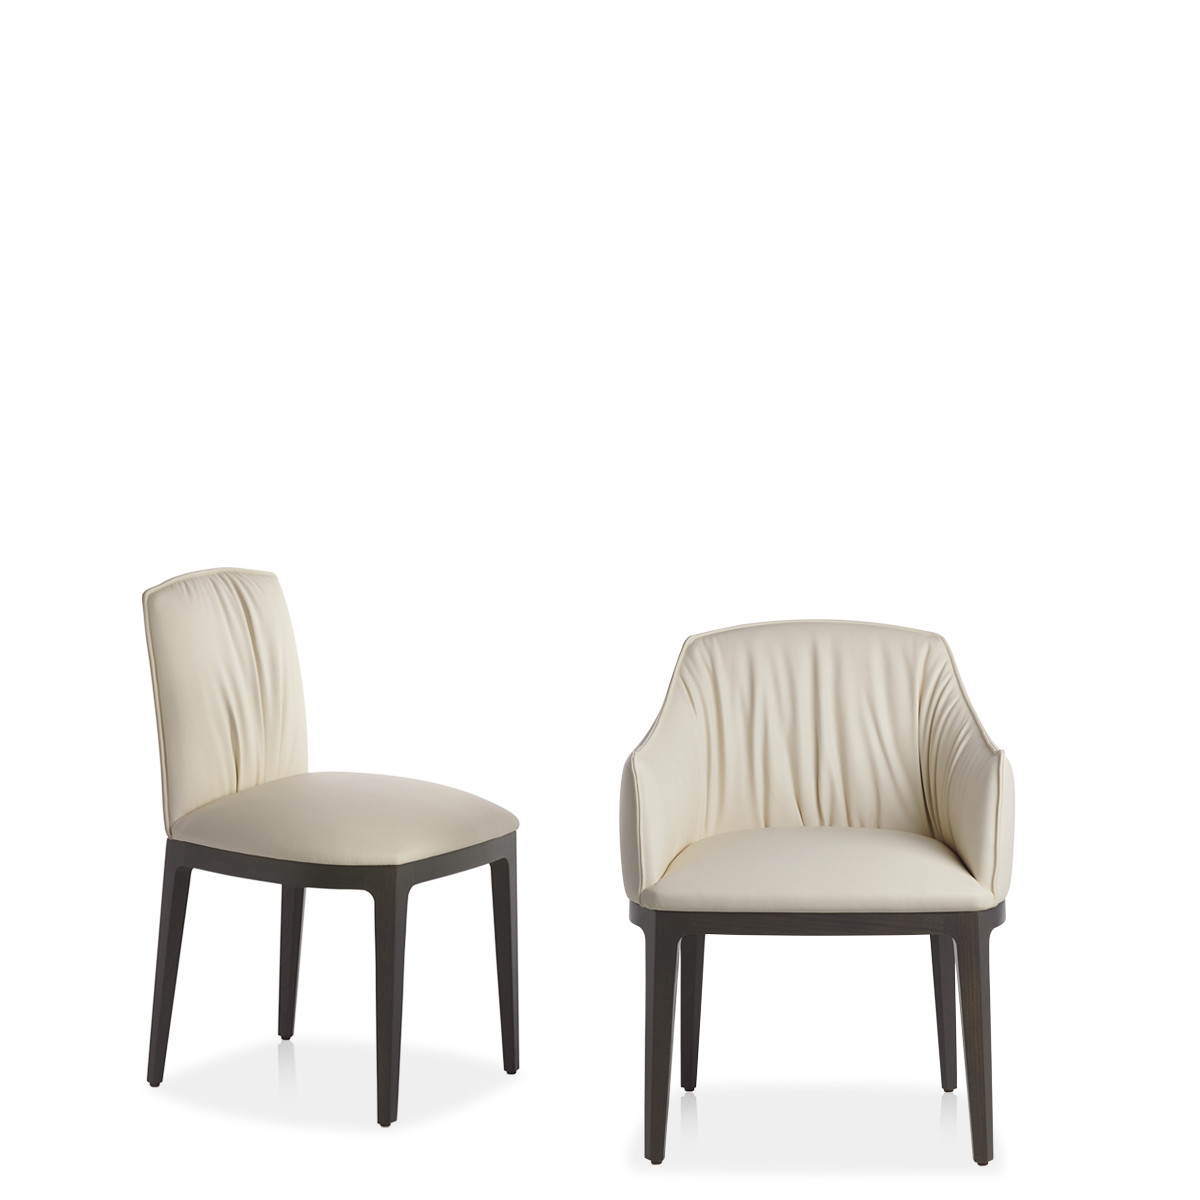 Entdecken Sie bei Conzept Beckord besondere Designmöbel! Hier finden Sie Potocco Stühle: Blossom